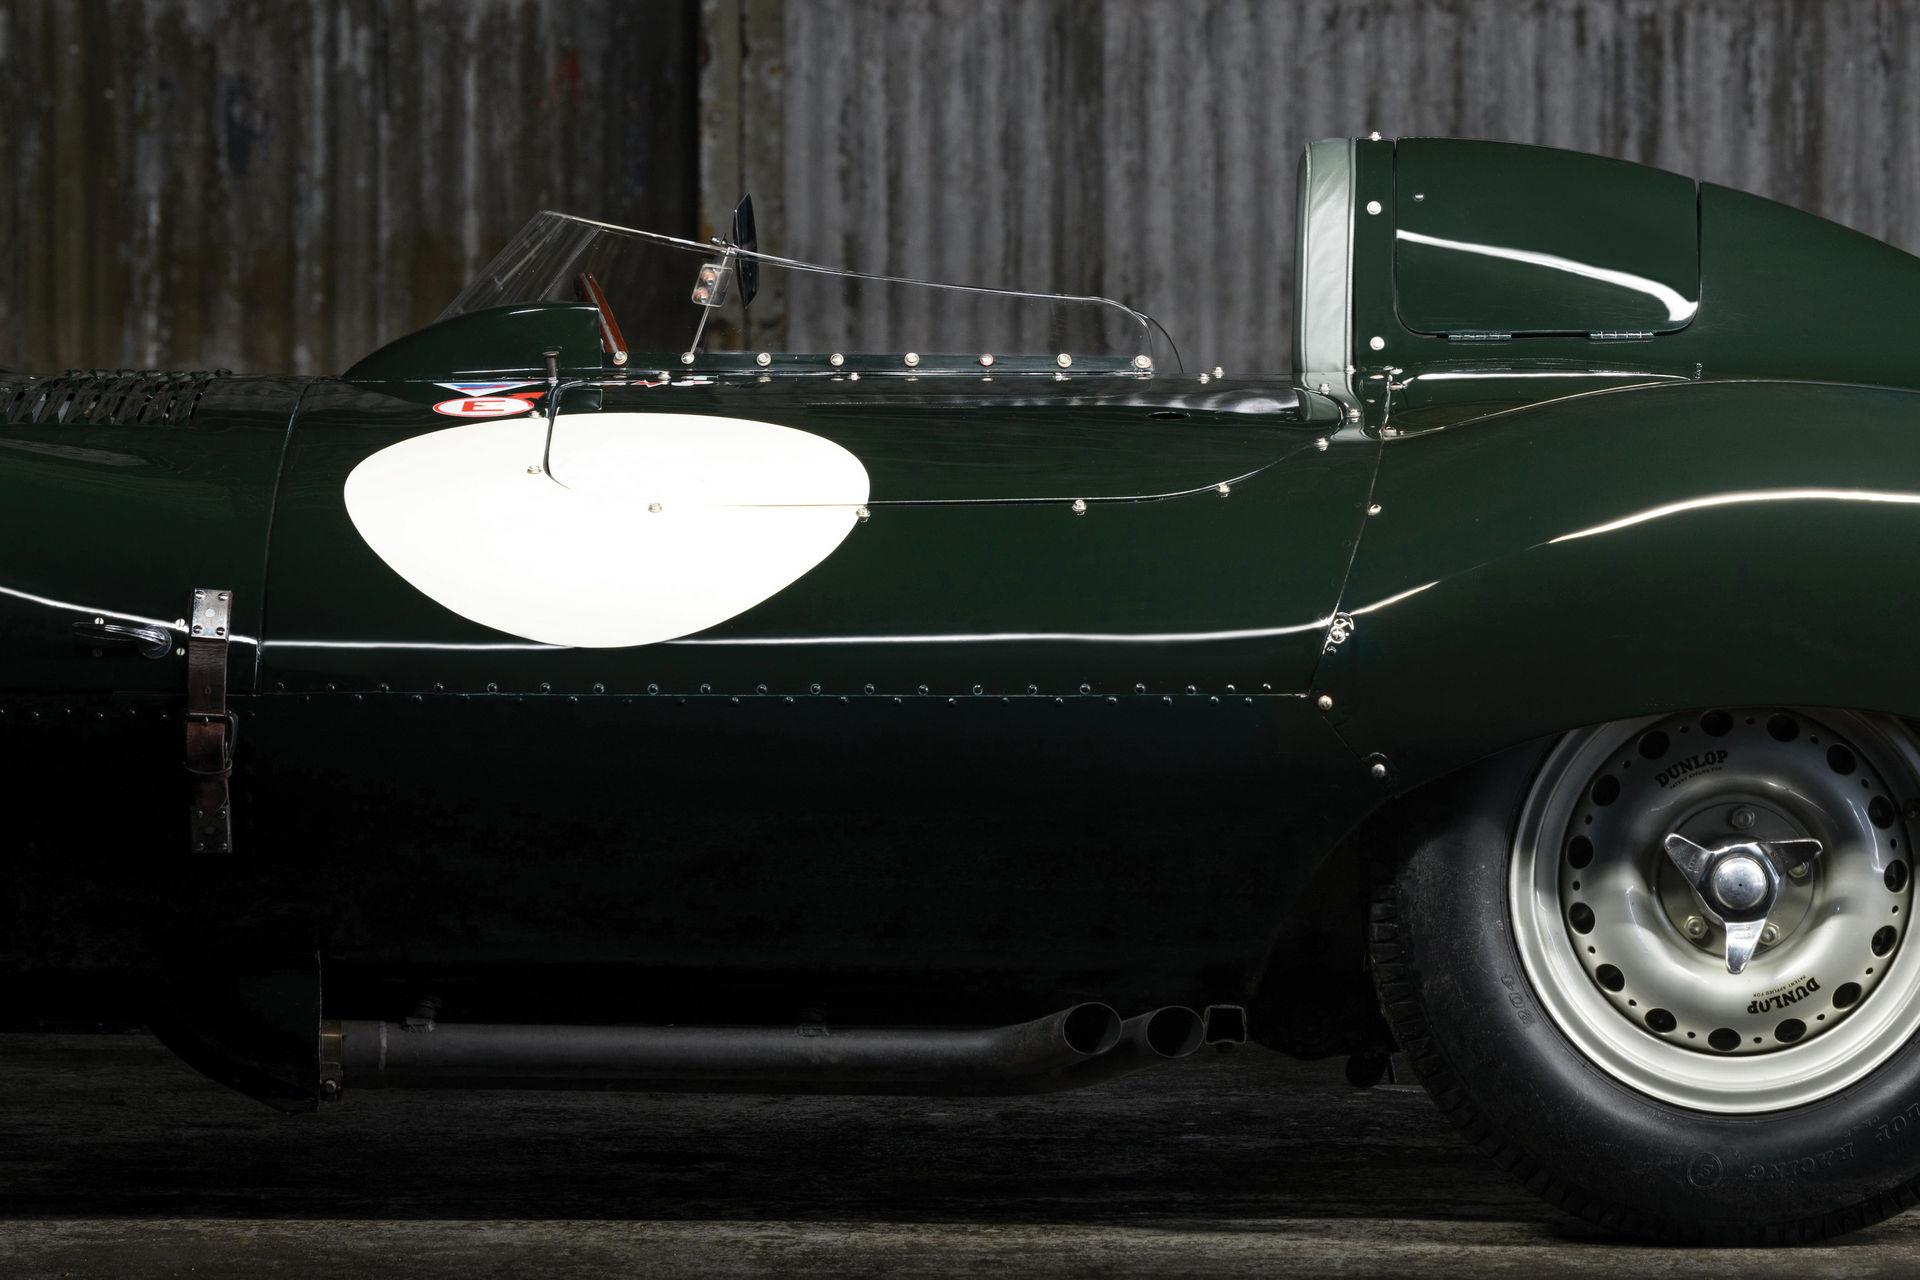 Jaguar-D-Type-1955-auction-20